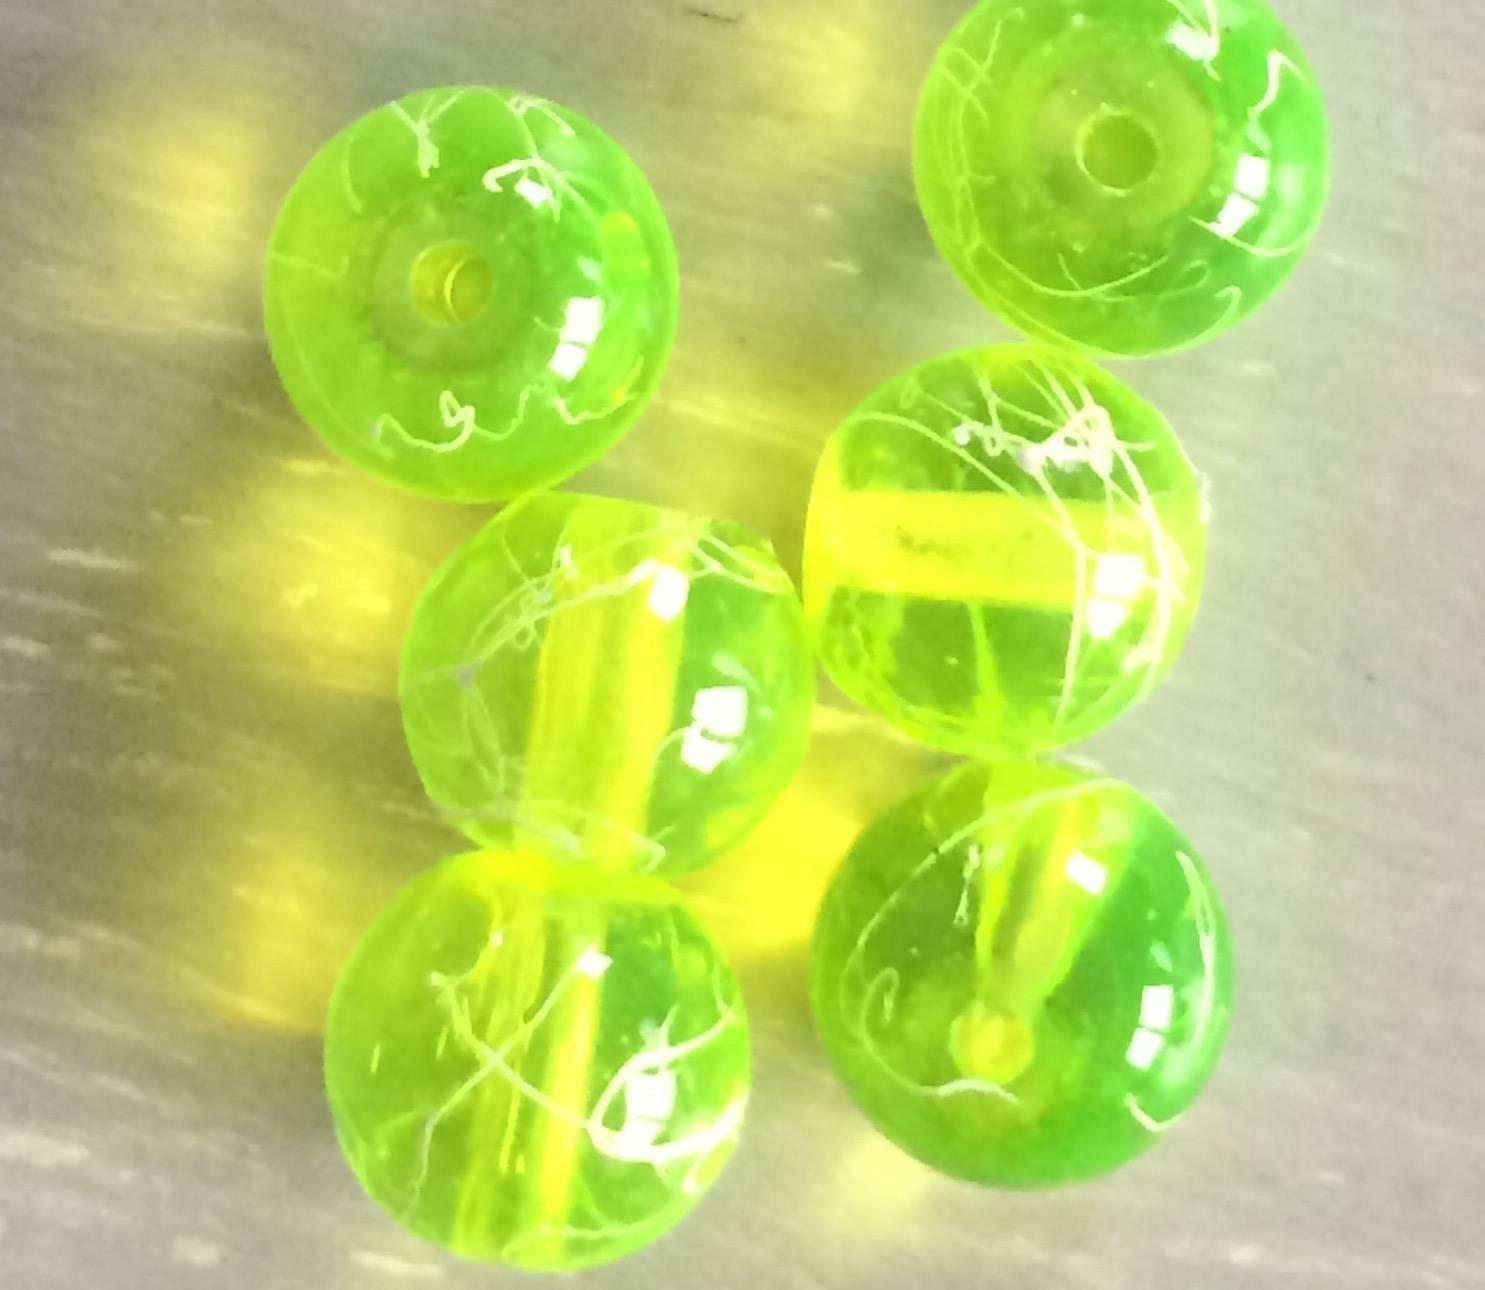 Perles en verre rondes transparentes peint à la bombe jaune